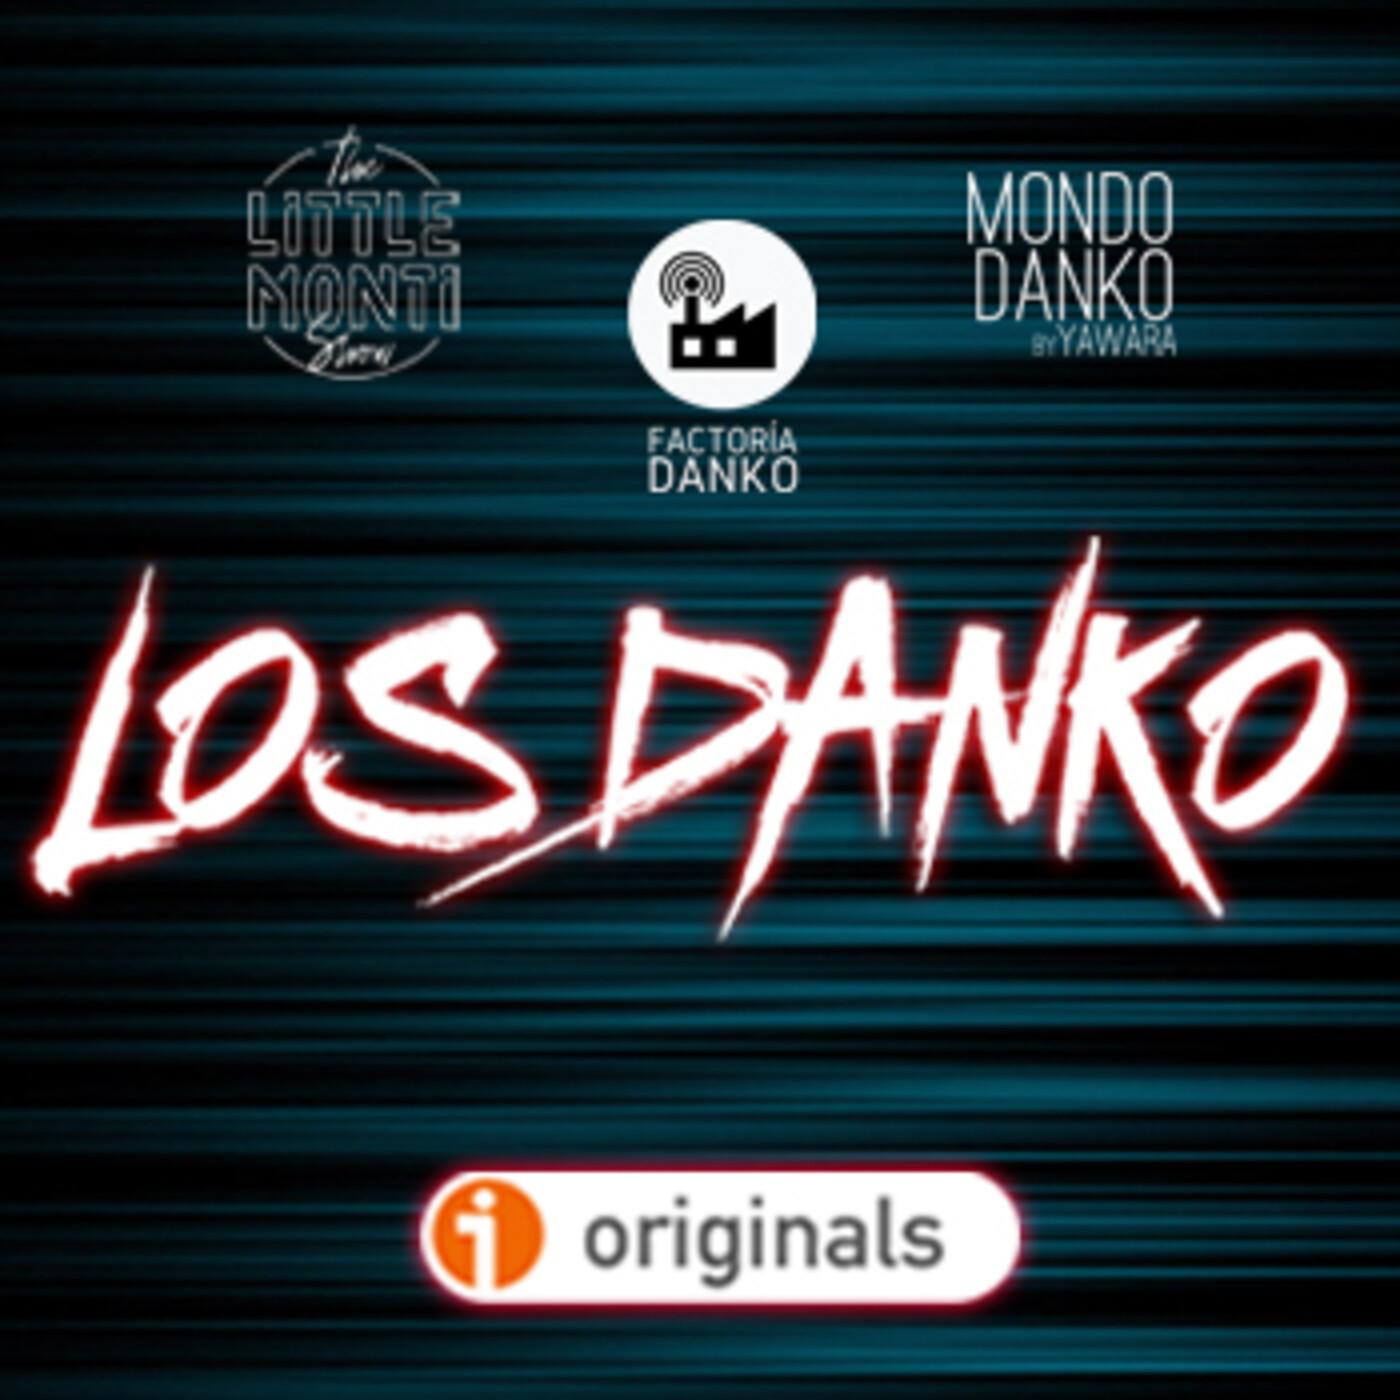 Los Danko / Mondo Danko